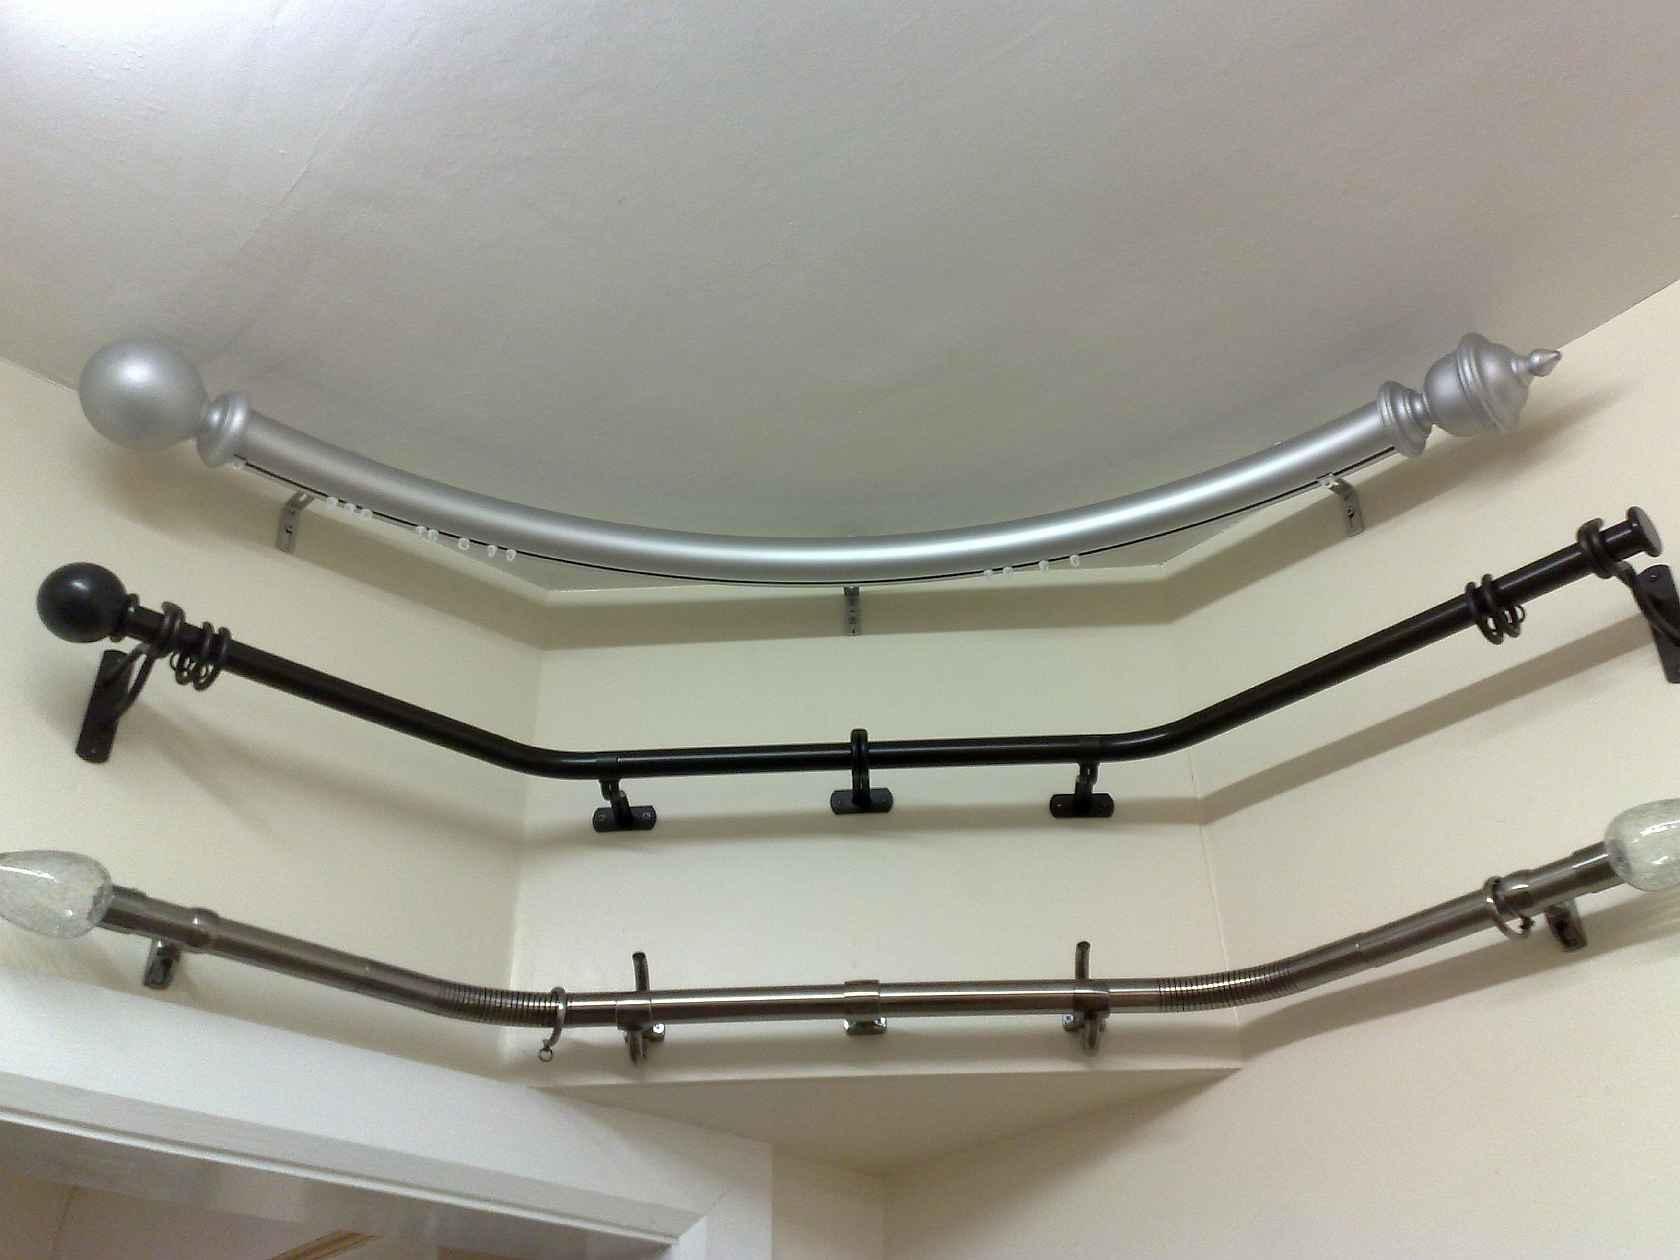 Круглые карнизы отлично смотрятся в интерьере с высокими потолками